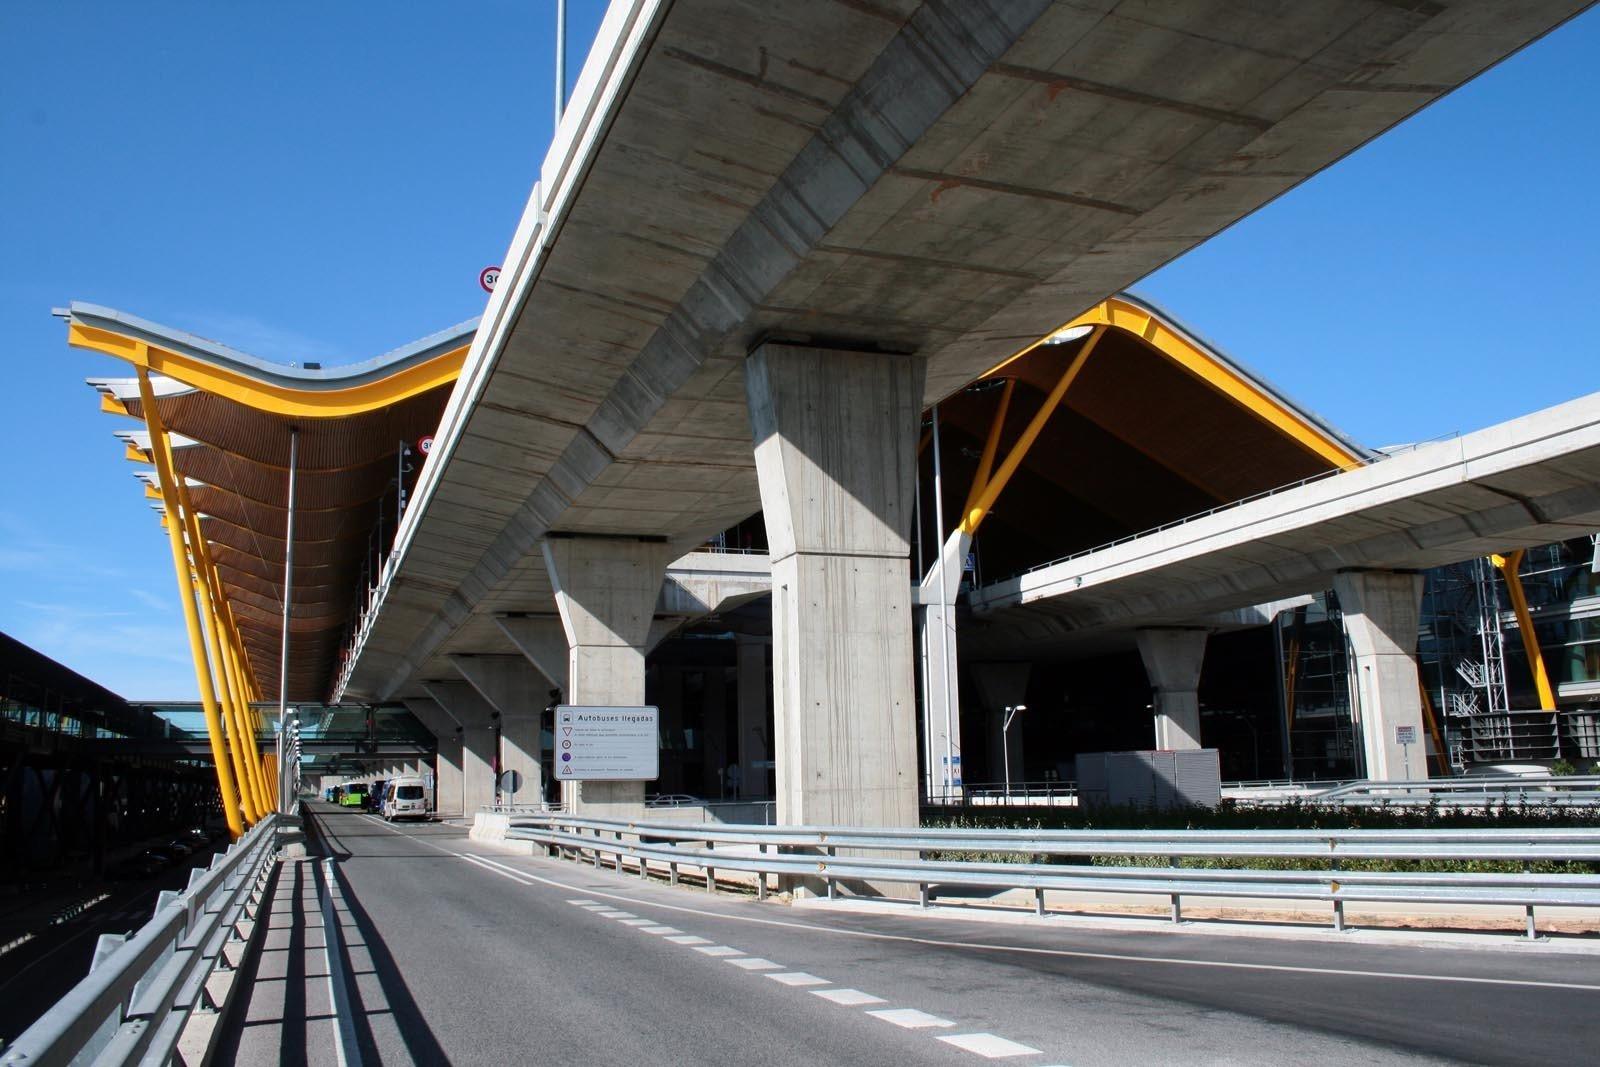 Entrada de Vehículos a la Terminal 4 de Barajas